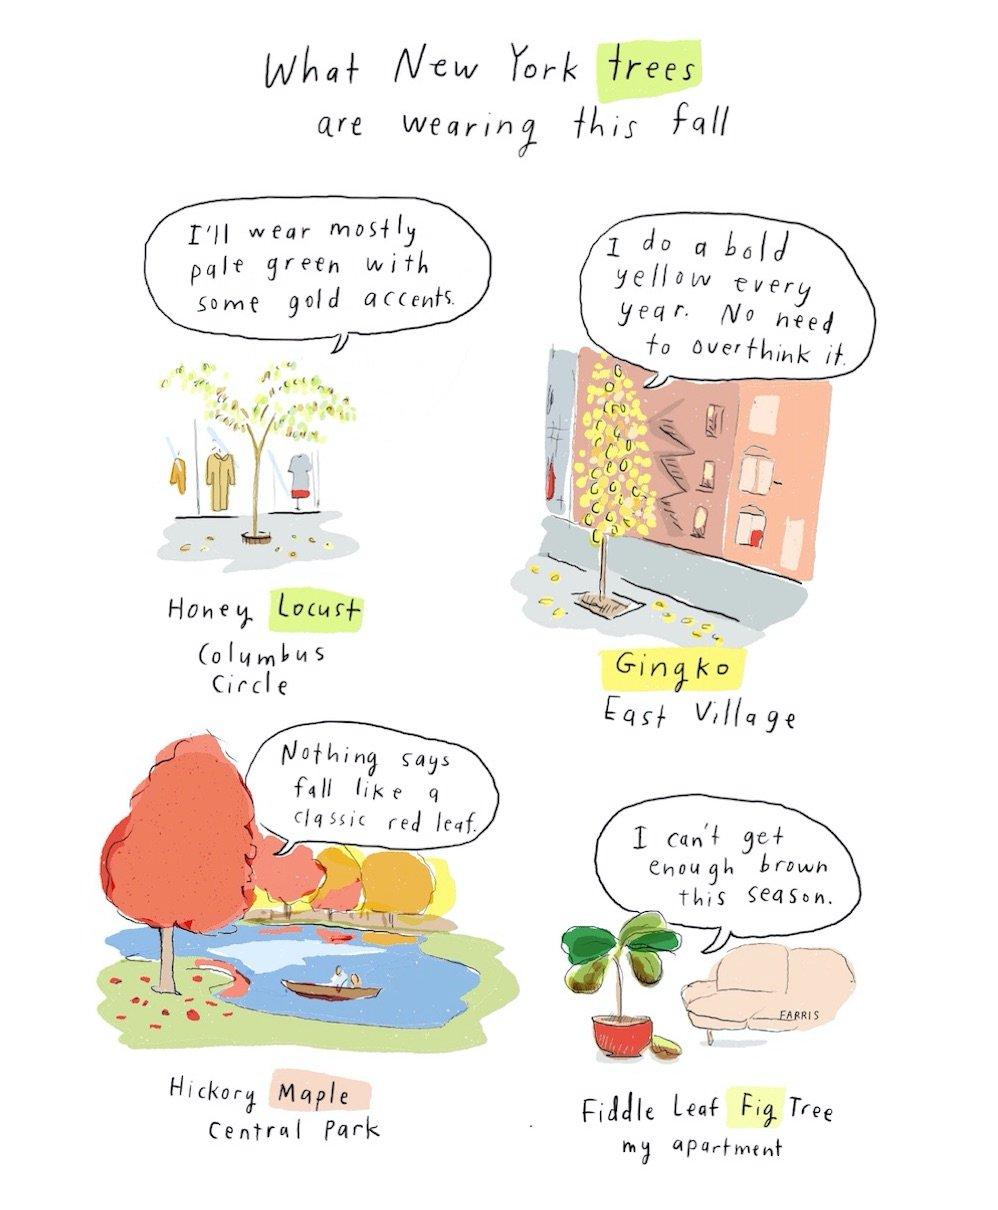 Tree comic by Grace Farris